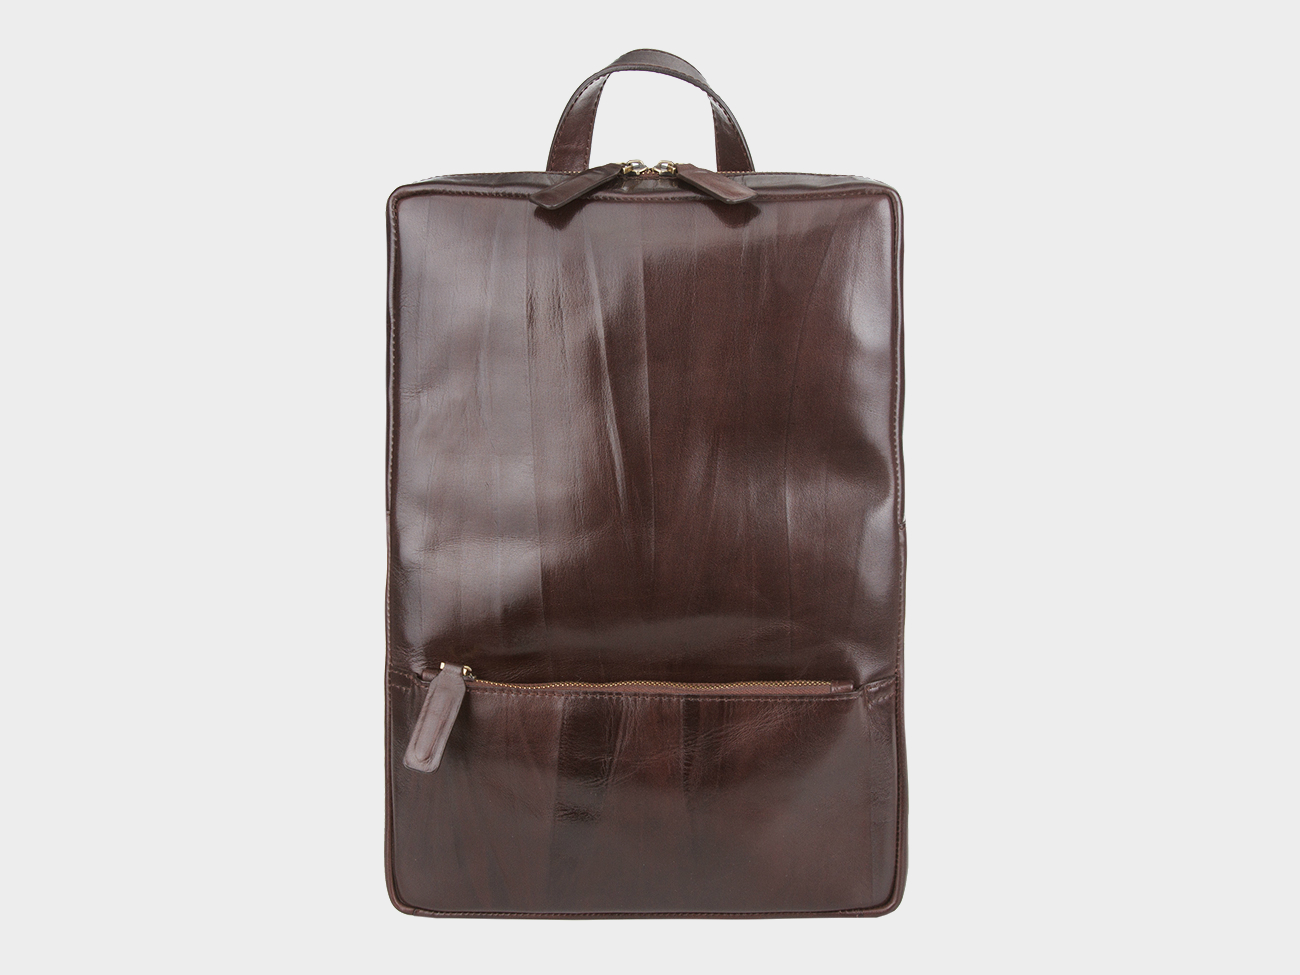 bc0caf7dbe02 Недорого купить коричневый кожаный рюкзак из натуральной кожи «R0027 ...